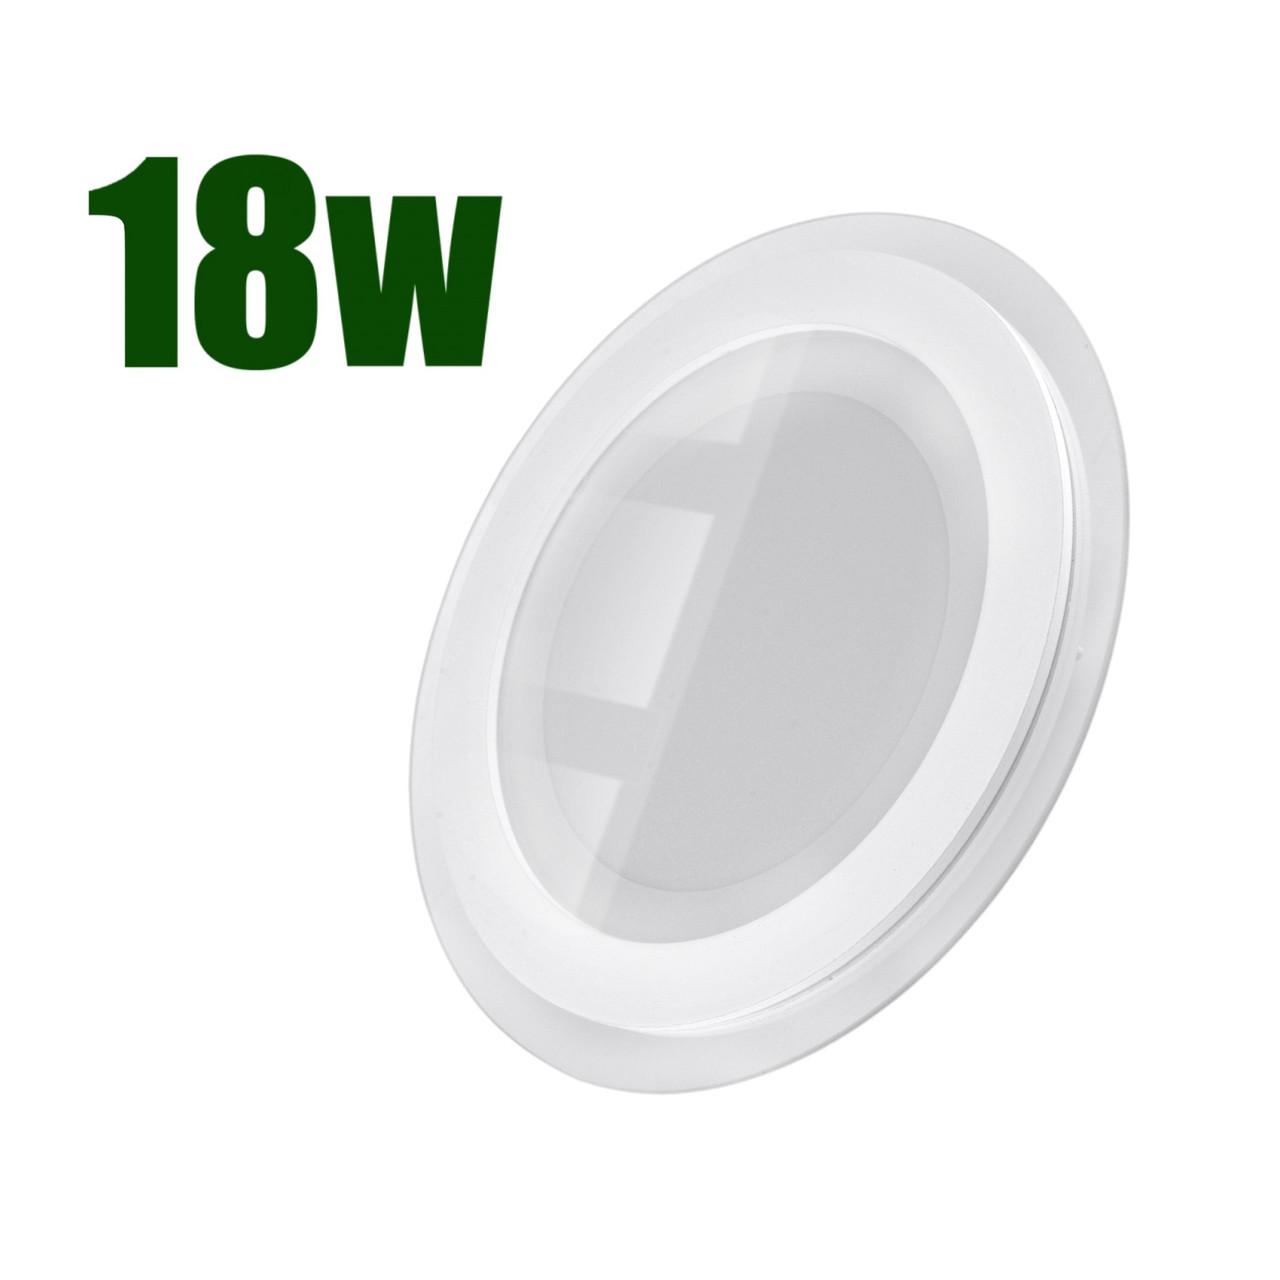 Светильник светодиодный встраиваемый LEDEX 18Вт 6500K 1380lm круг стекло (102961)